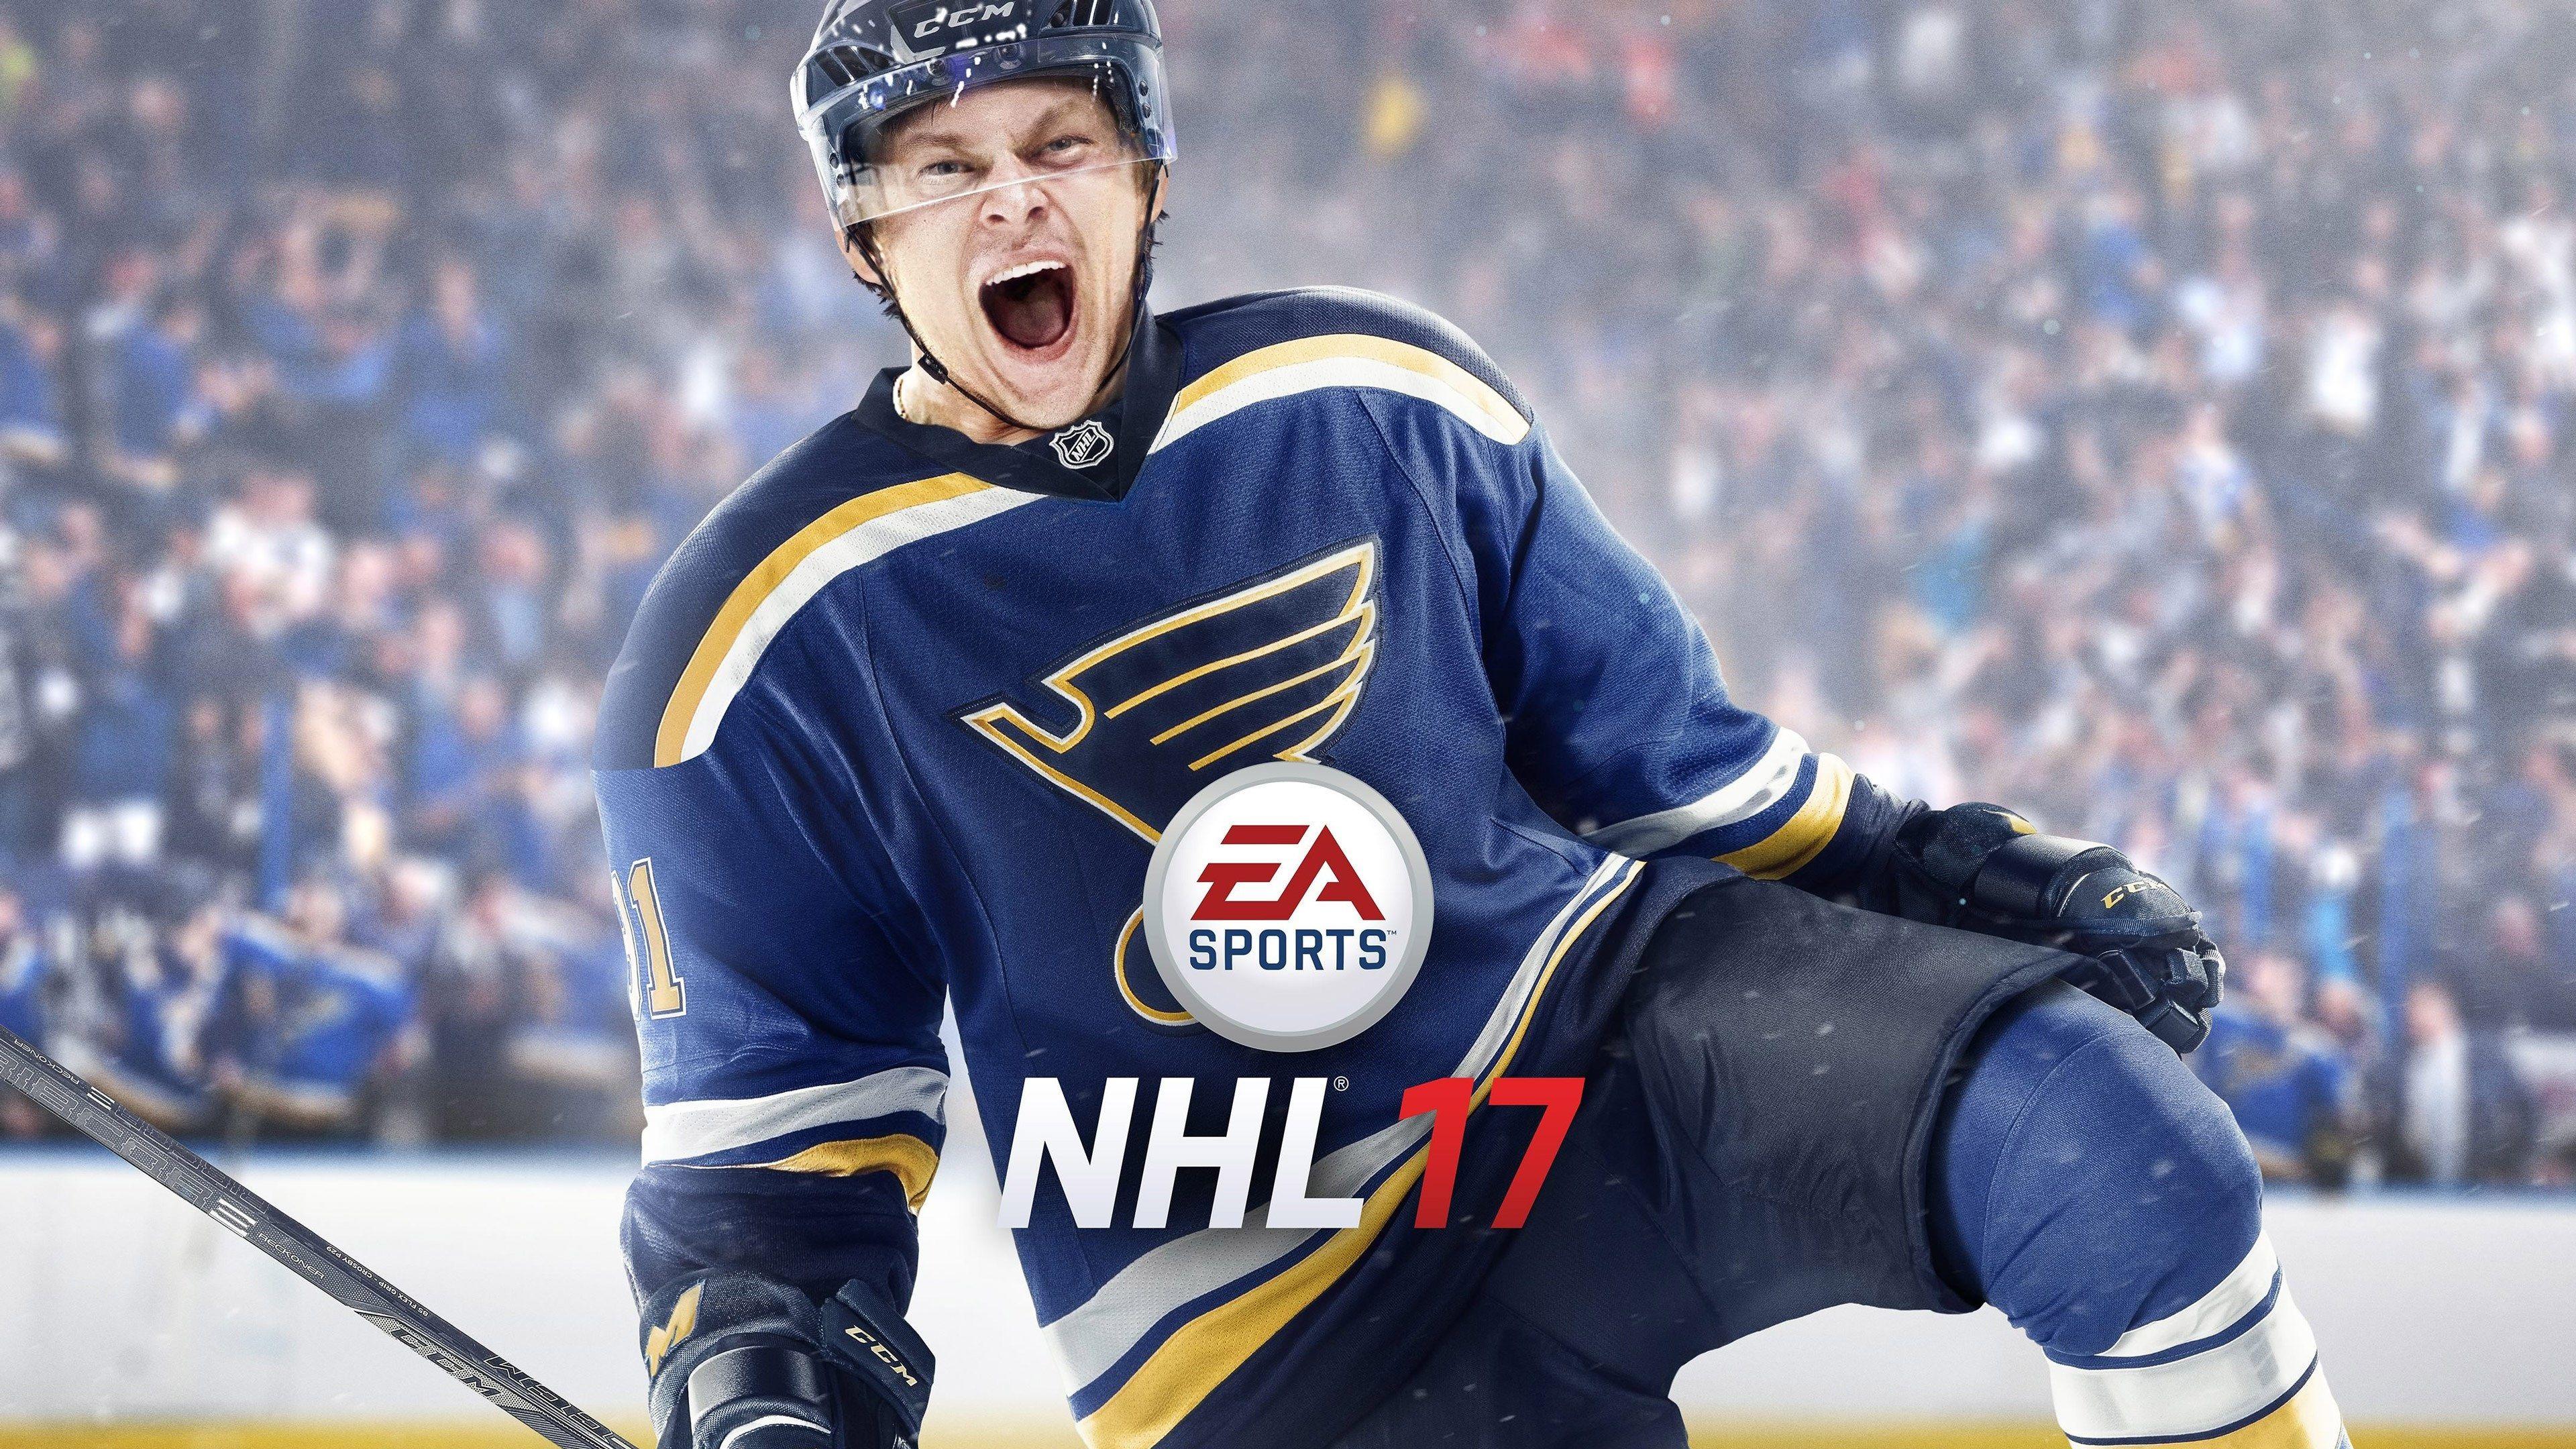 Хоккей Обои для Андроид - скачать APK | 2160x3840